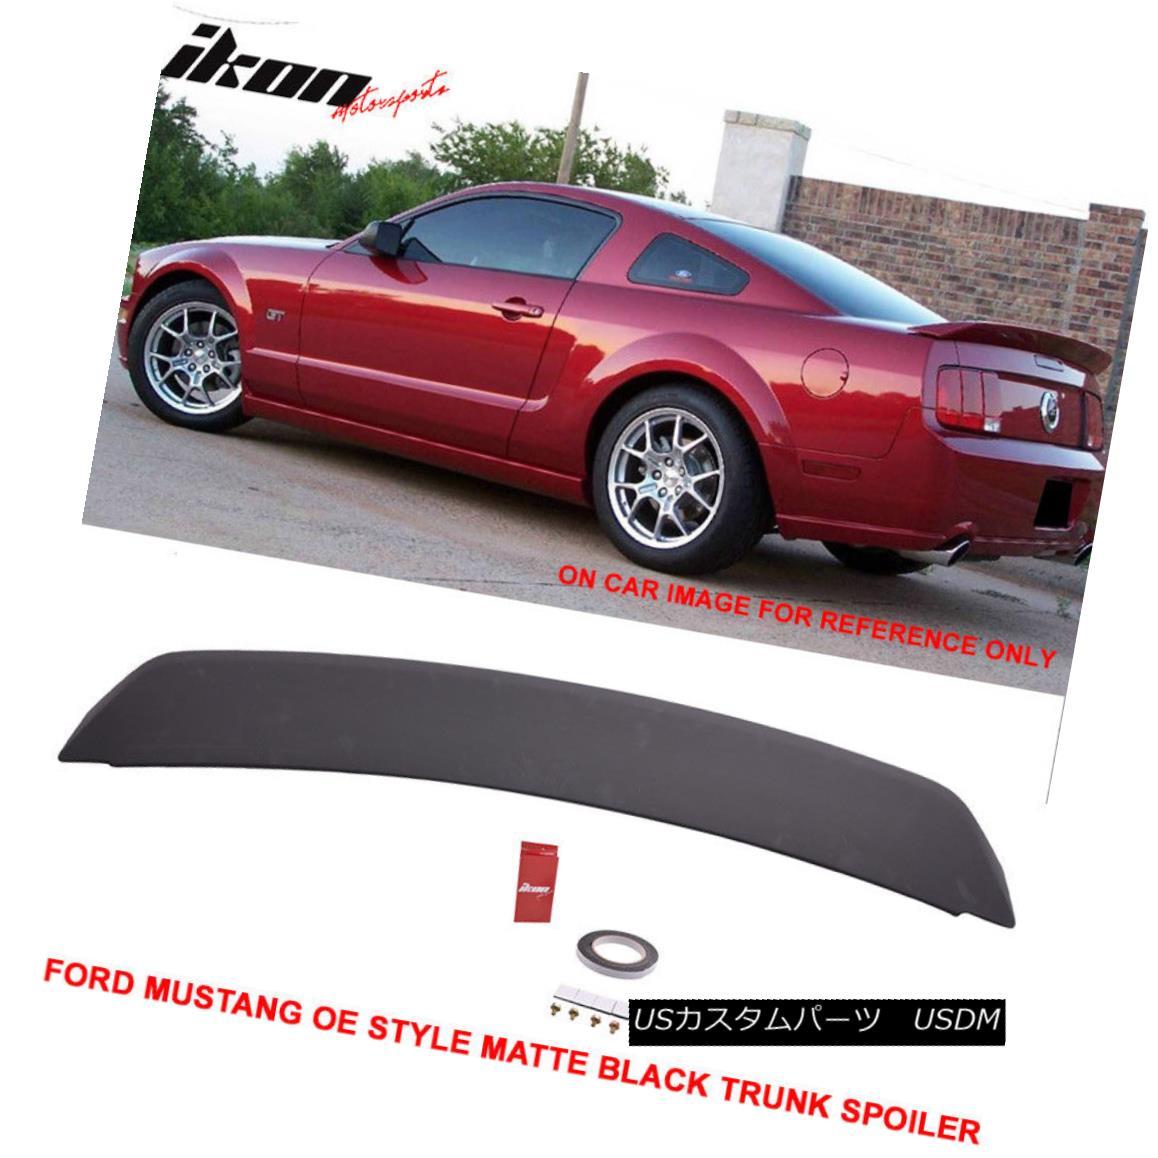 エアロパーツ Fit For 05-09 Ford Mustang OE Style Painted Matte Black Trunk Spoiler - ABS 05-09フォードマスタングOEスタイル塗装マットブラックトレンクスポイラー - ABS